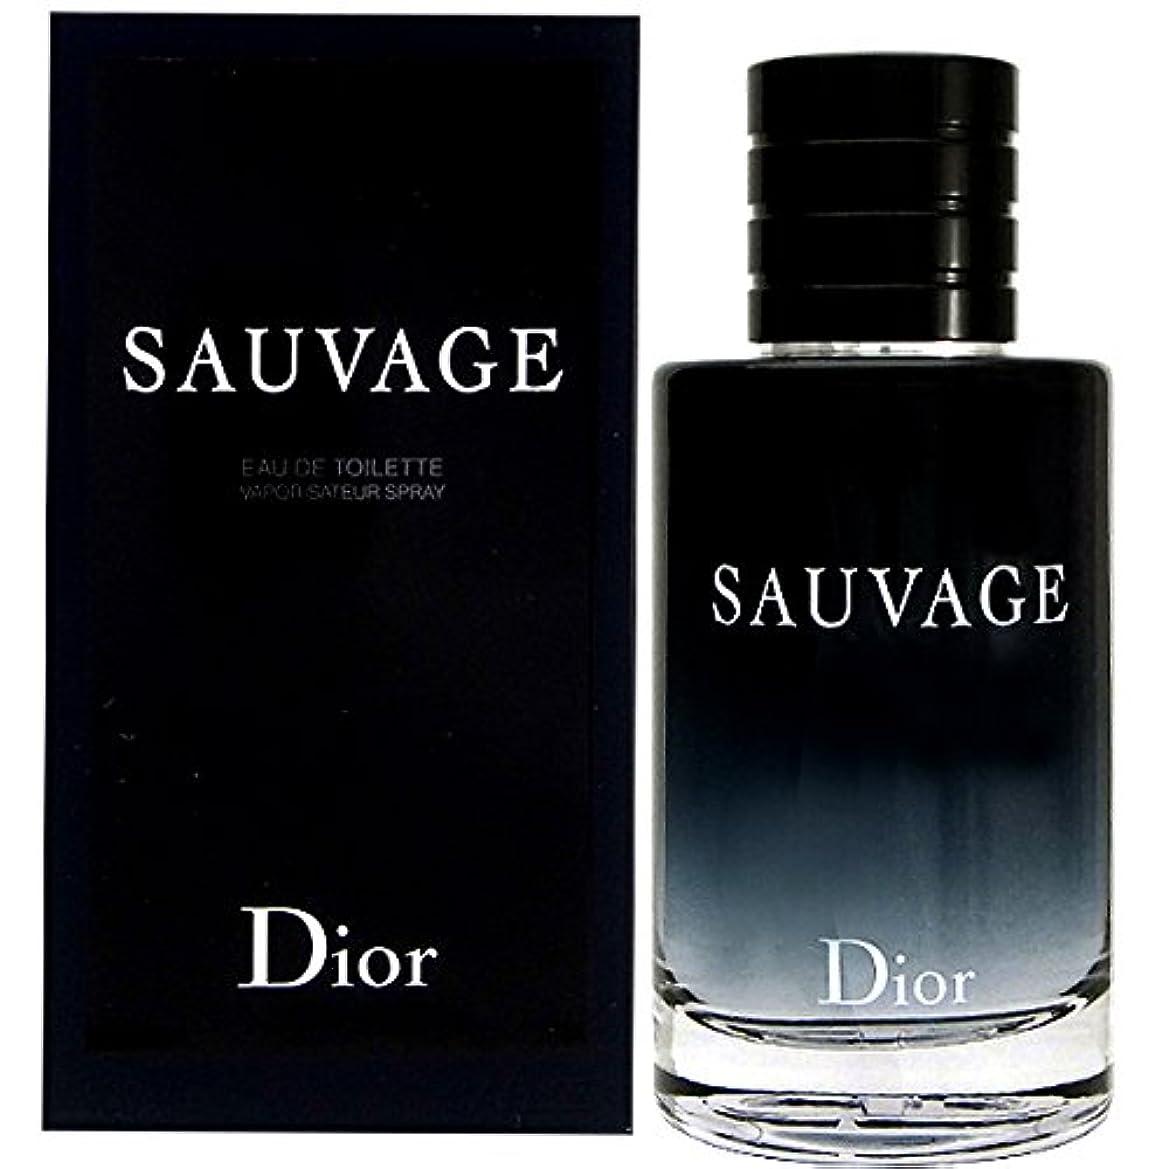 多様性その粘着性クリスチャンディオール Christian Dior ソヴァージュ 100ml EDT オードトワレ メンズ(香水) [並行輸入品]